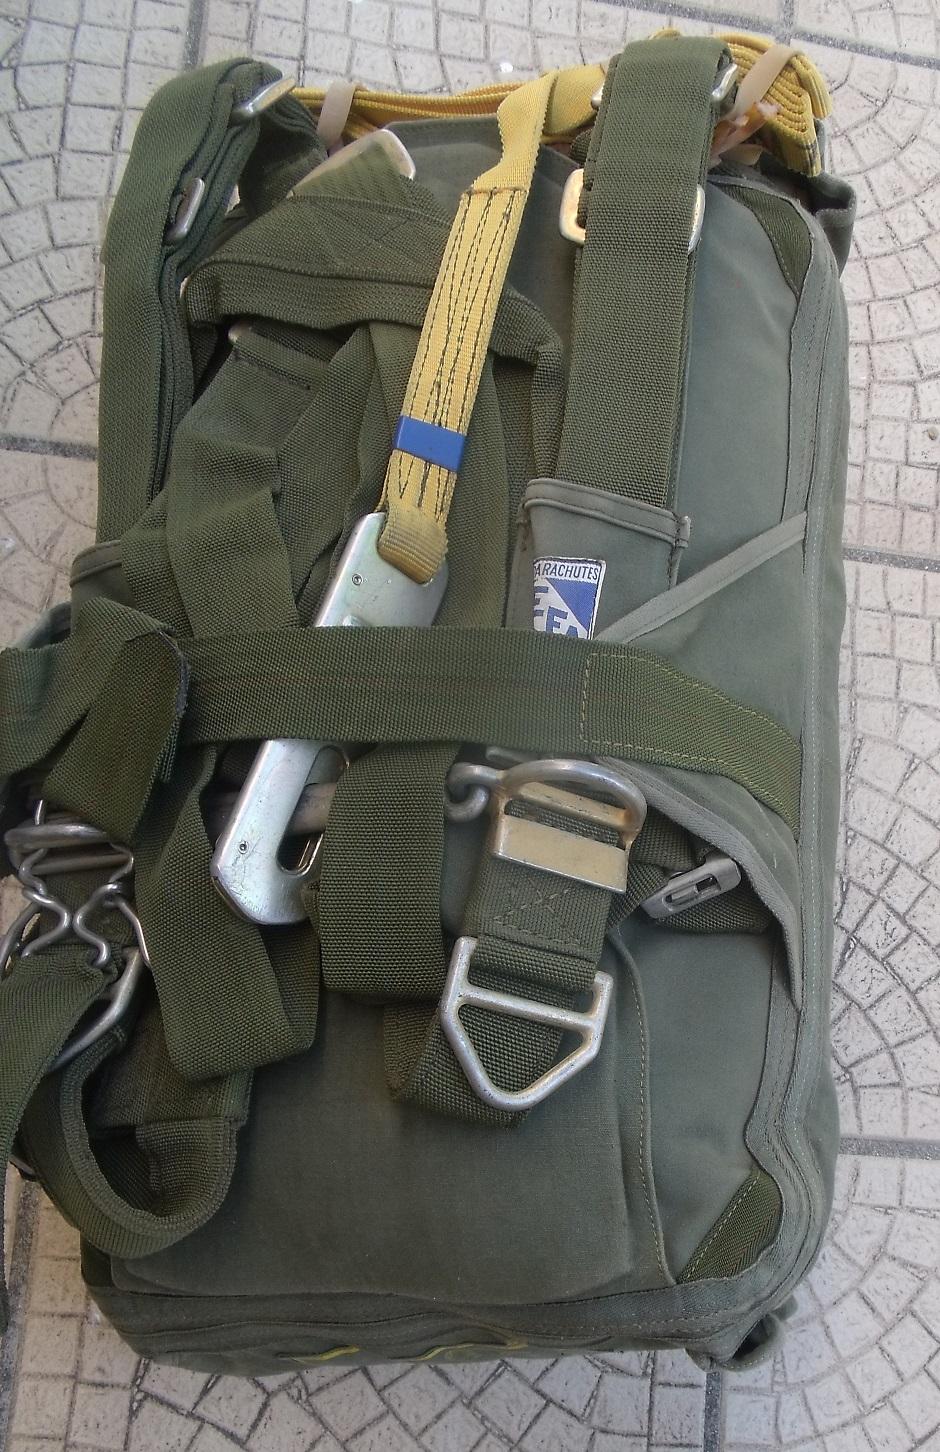 Les parachutes dans l'armée Française depuis 1945 - Orienté Armée de Terre 33avxw2